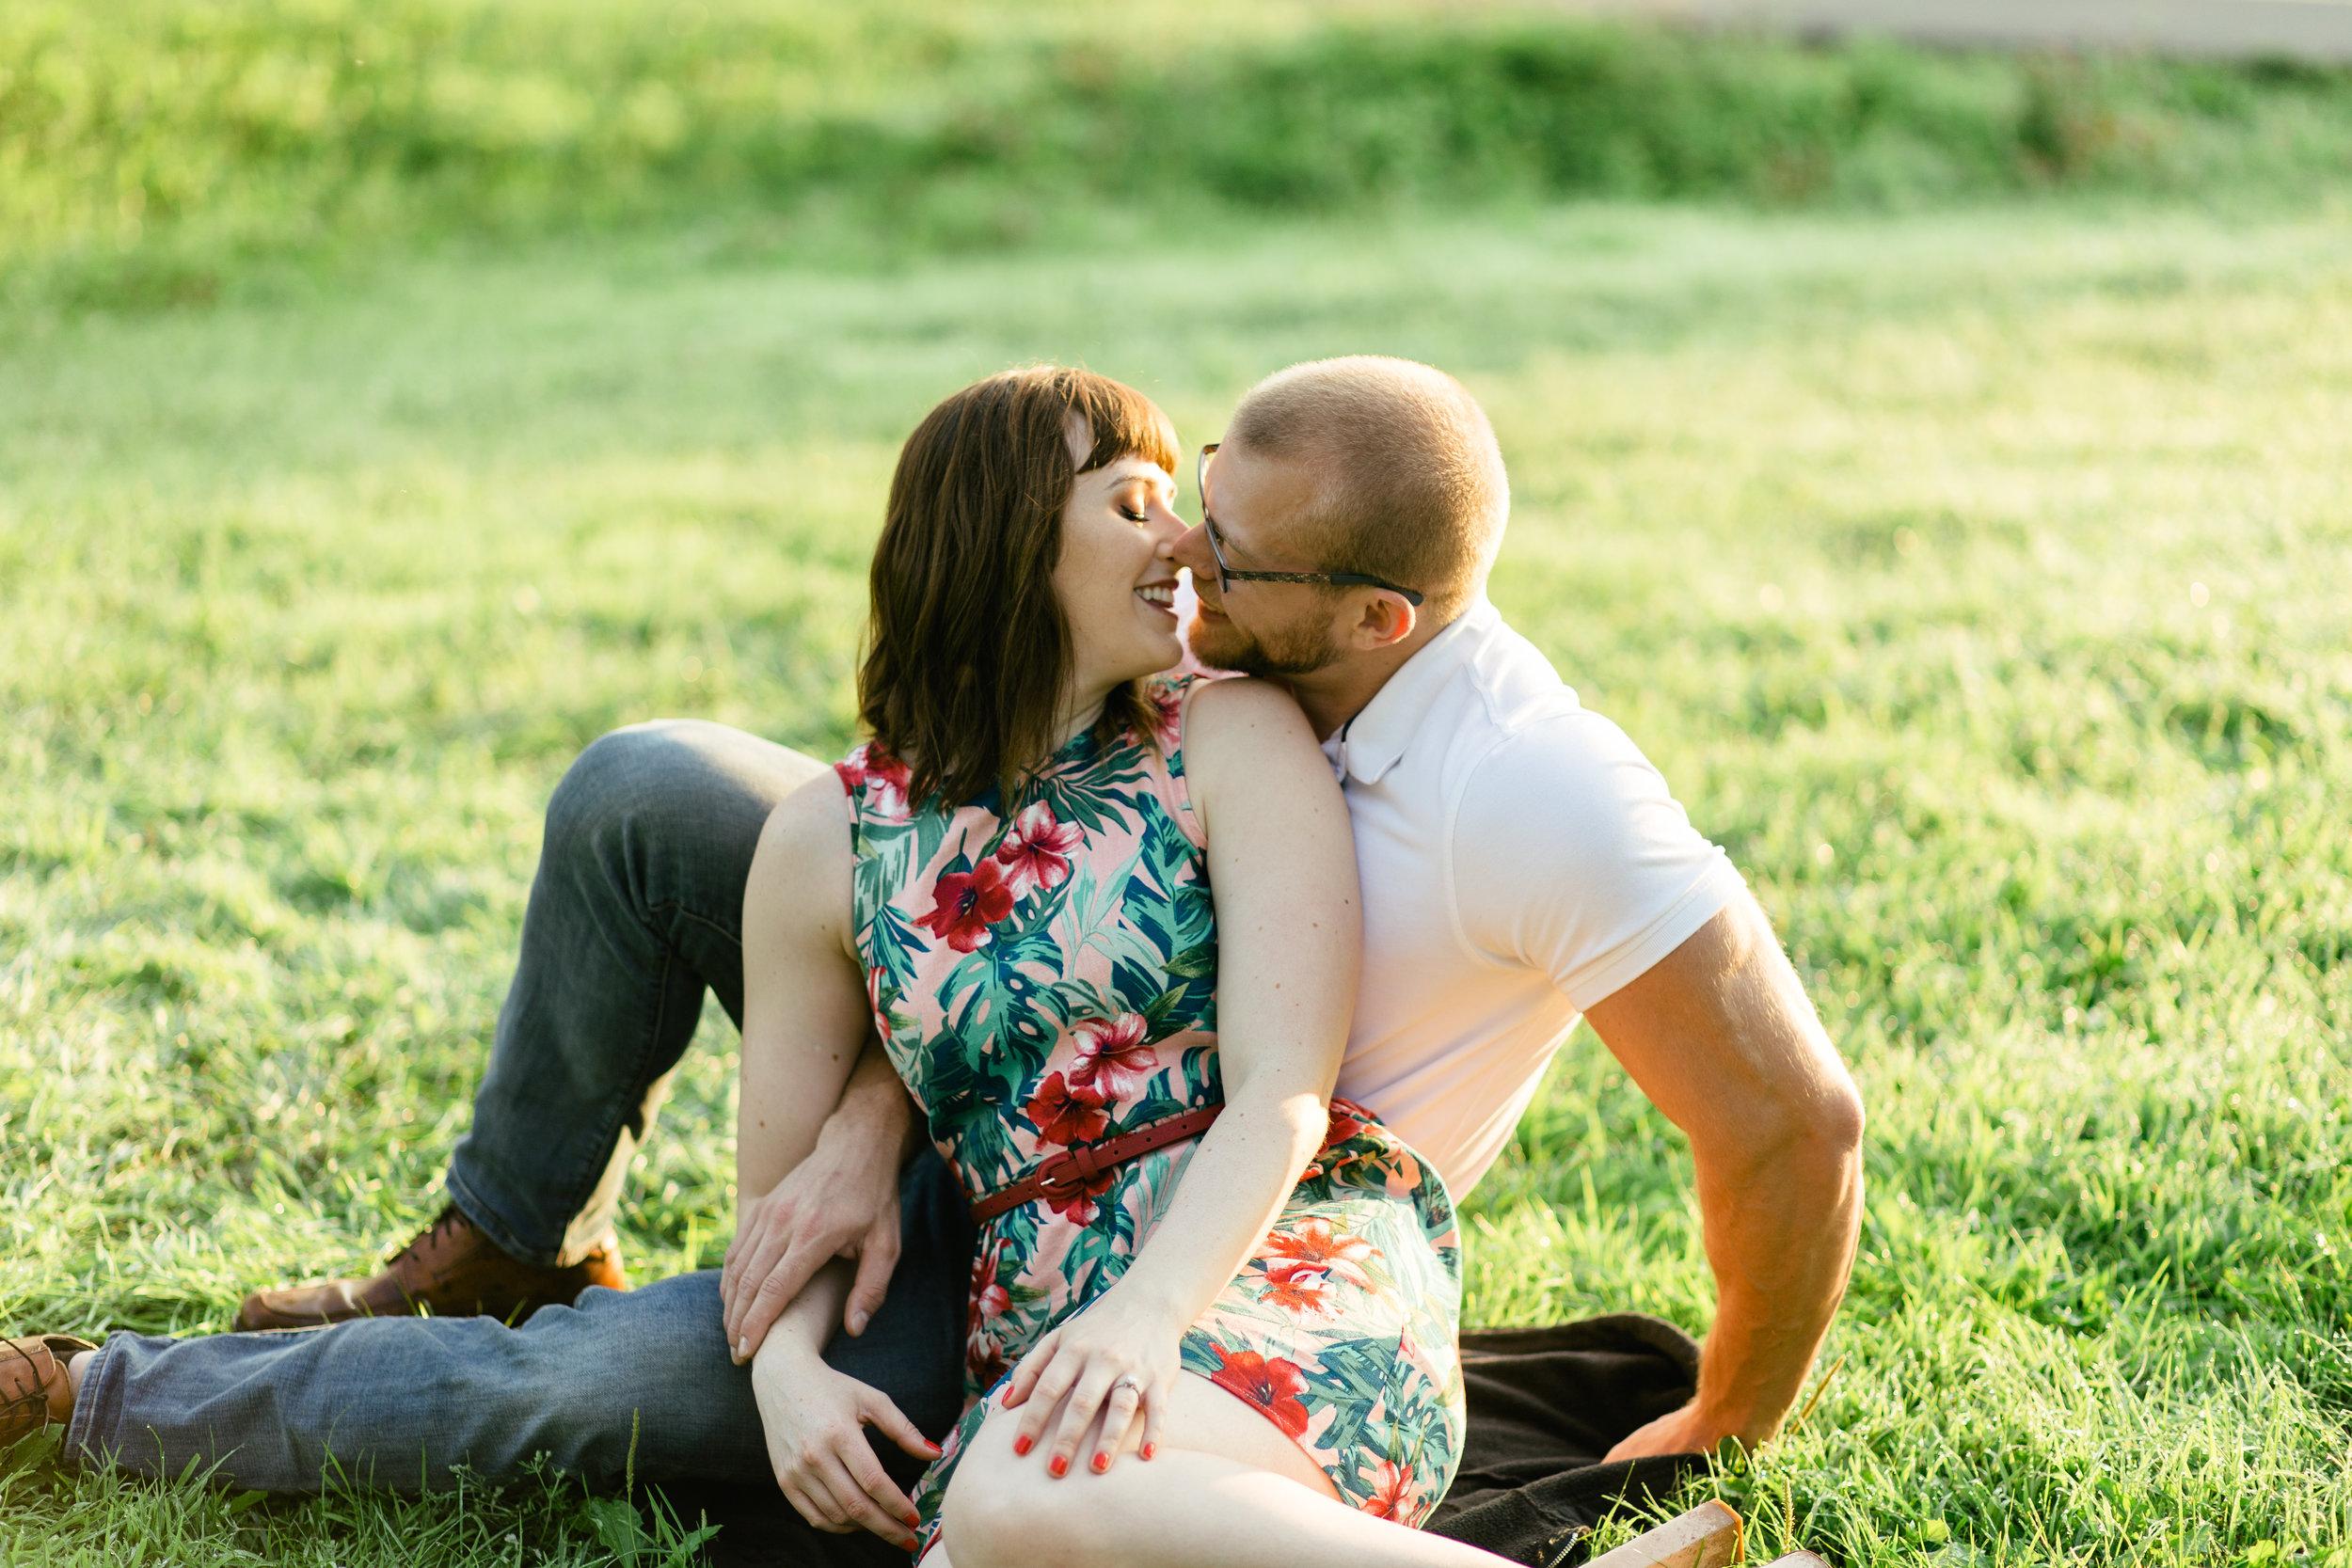 Chloe & Matt Engagement Final Images-13.jpg